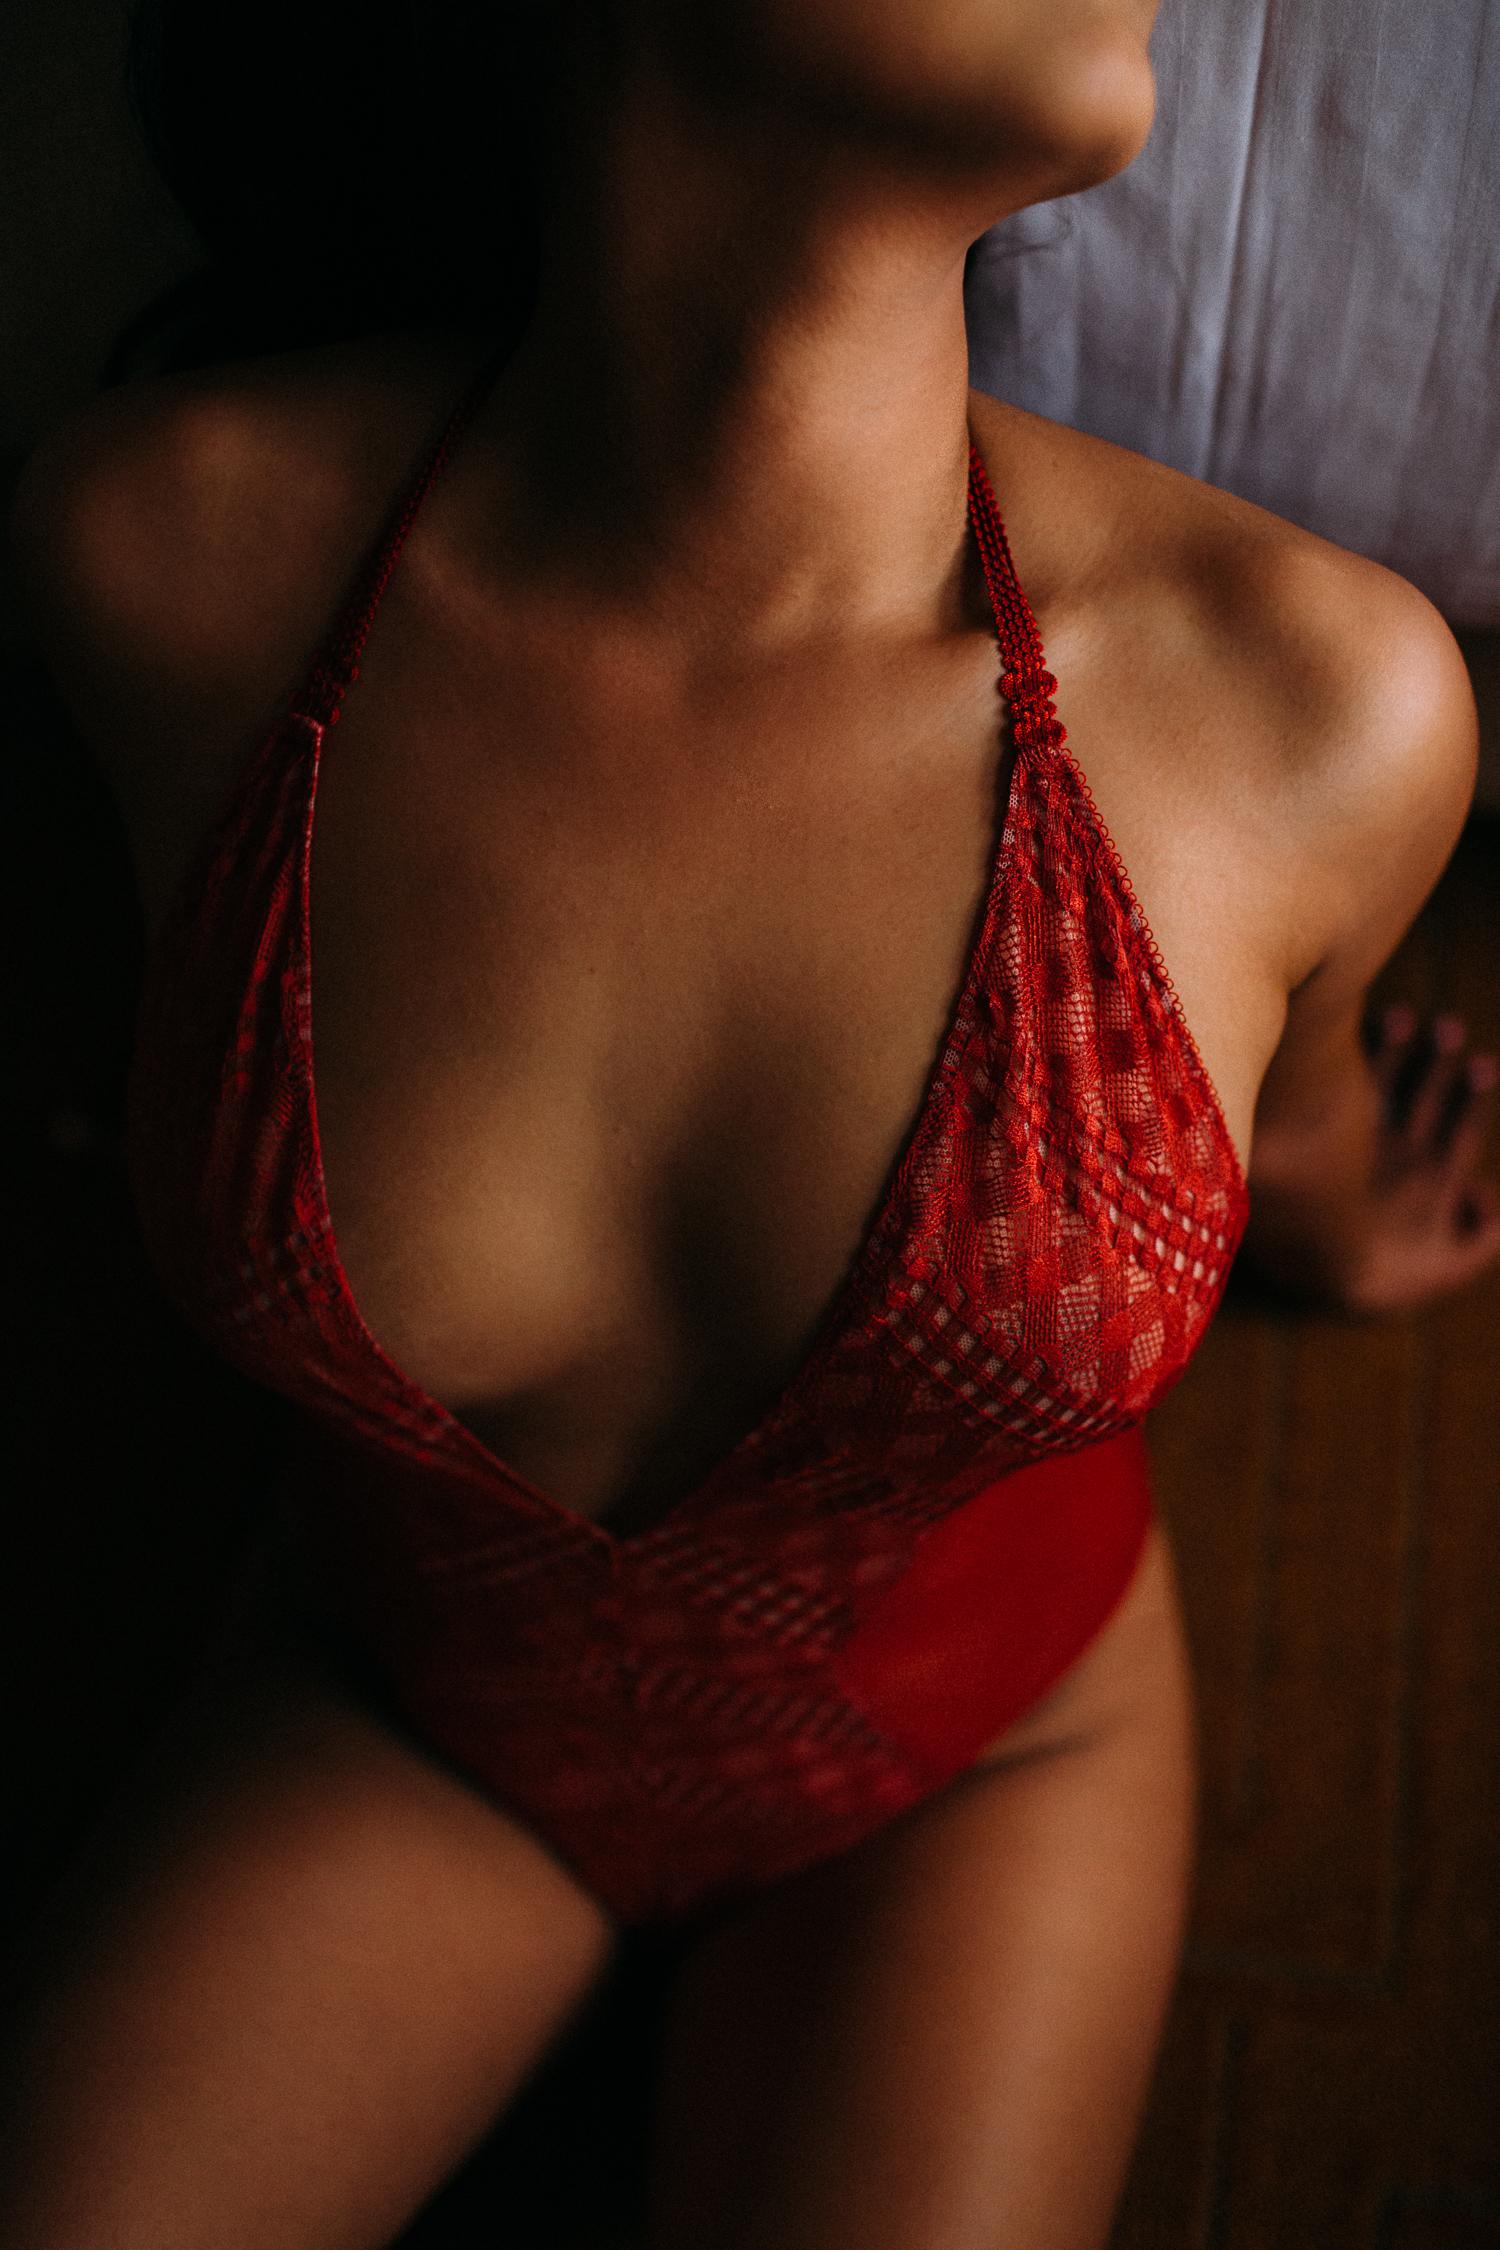 san-clemente-boudoir-photographer-4.jpg